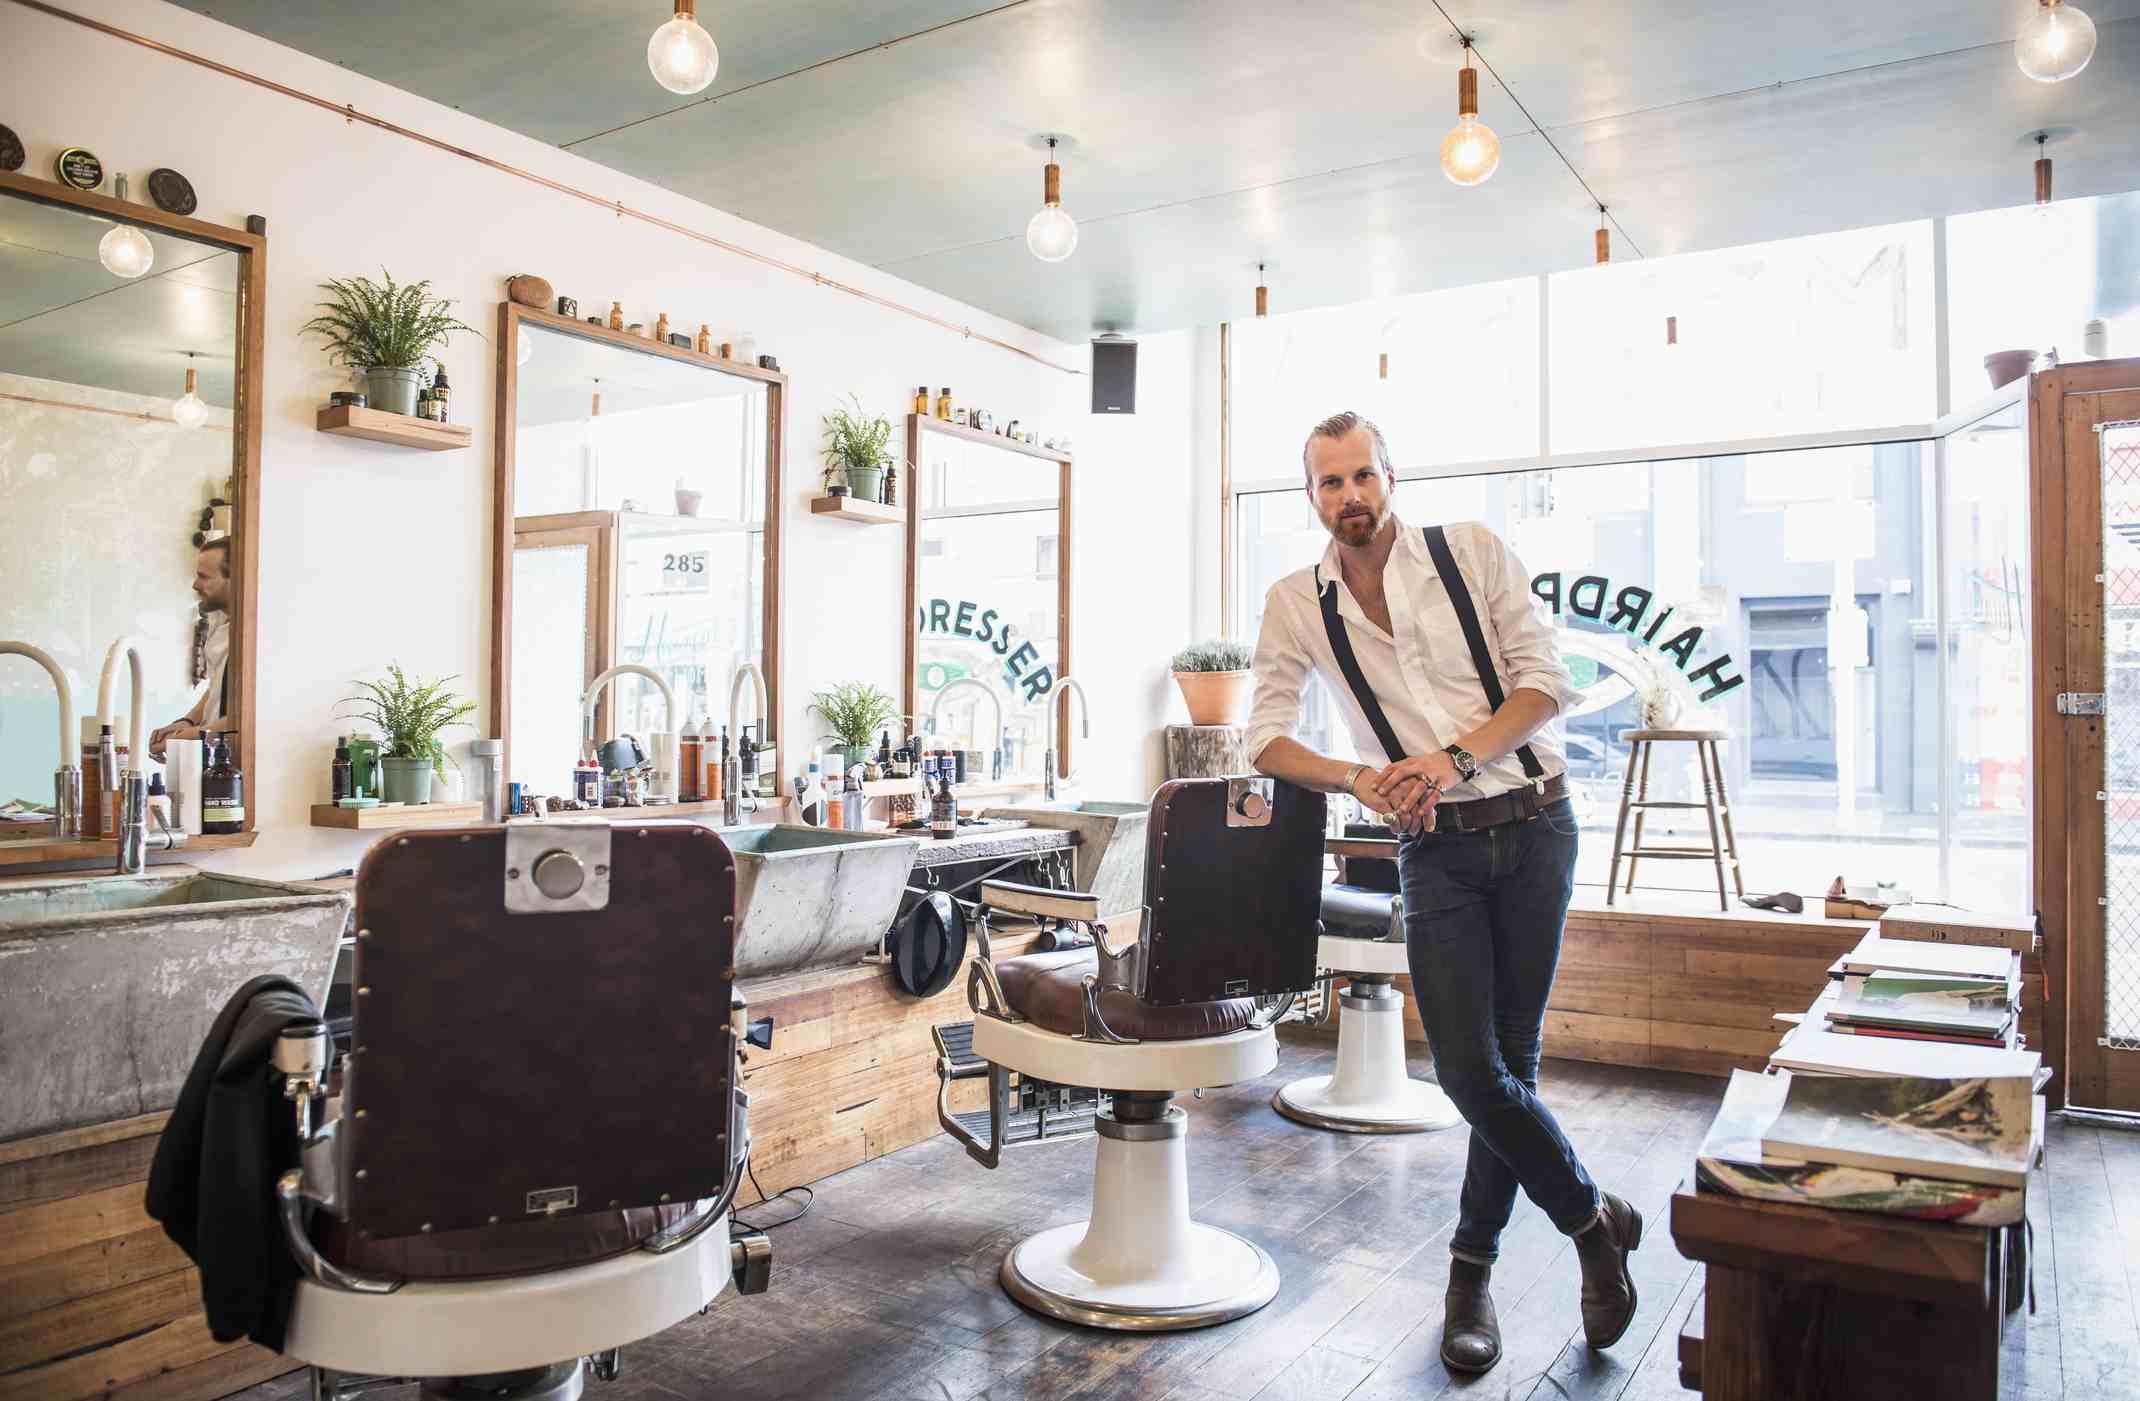 Barber in a barber shop